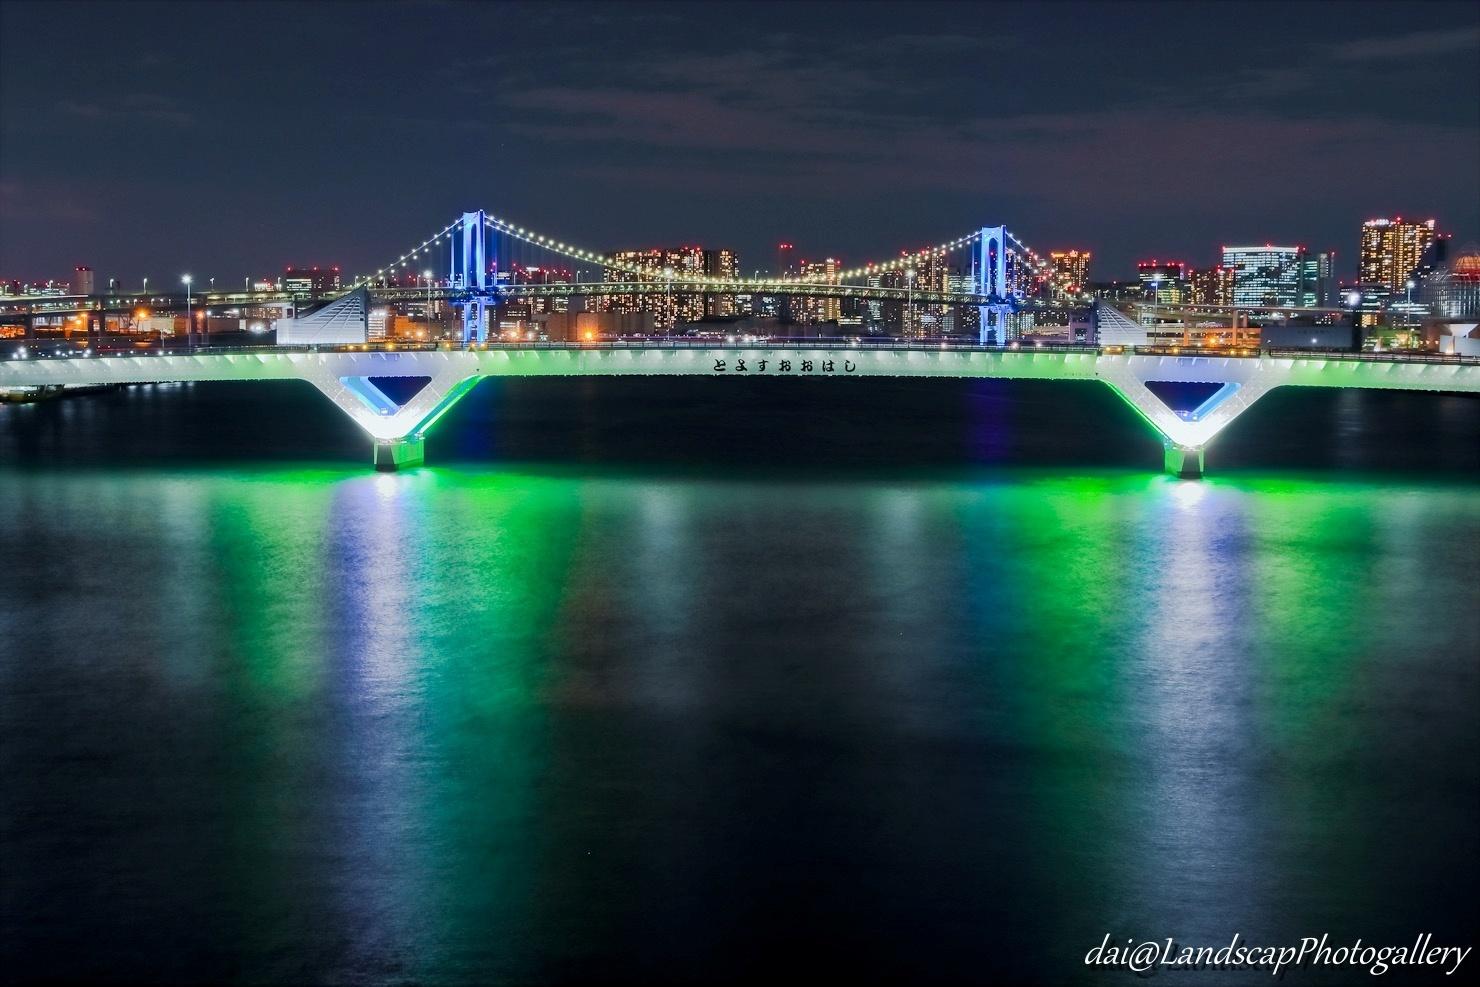 豊洲大橋とレインボーブリッジ夜景